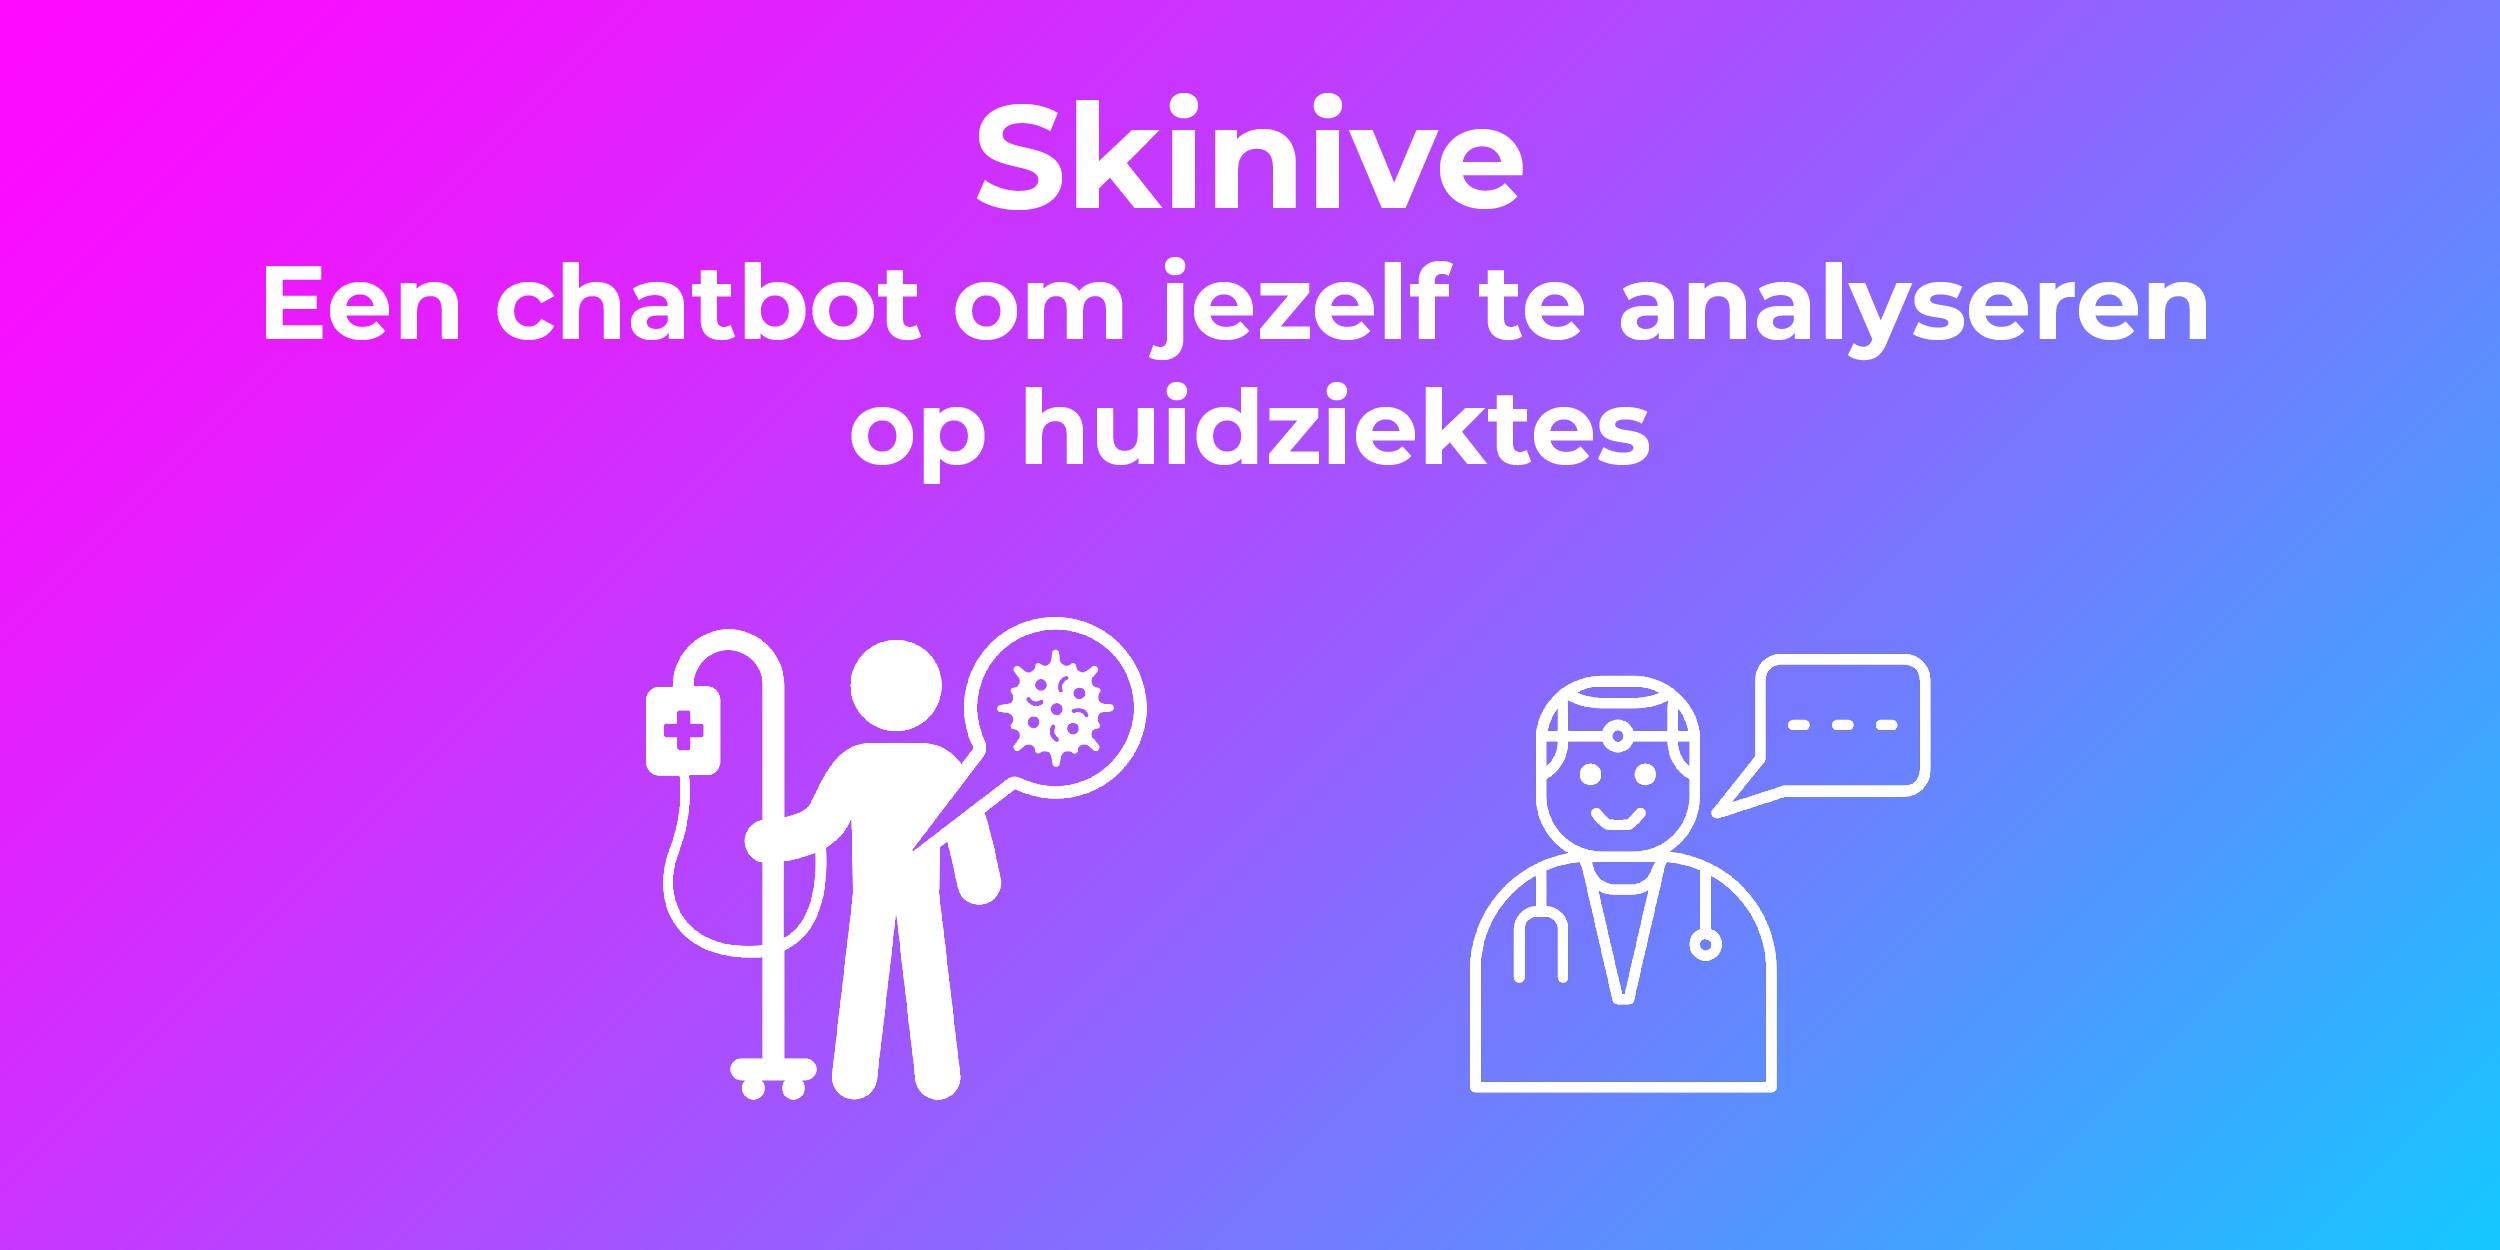 Skinive: een chatbot om jezelf te analyseren op huidziektes